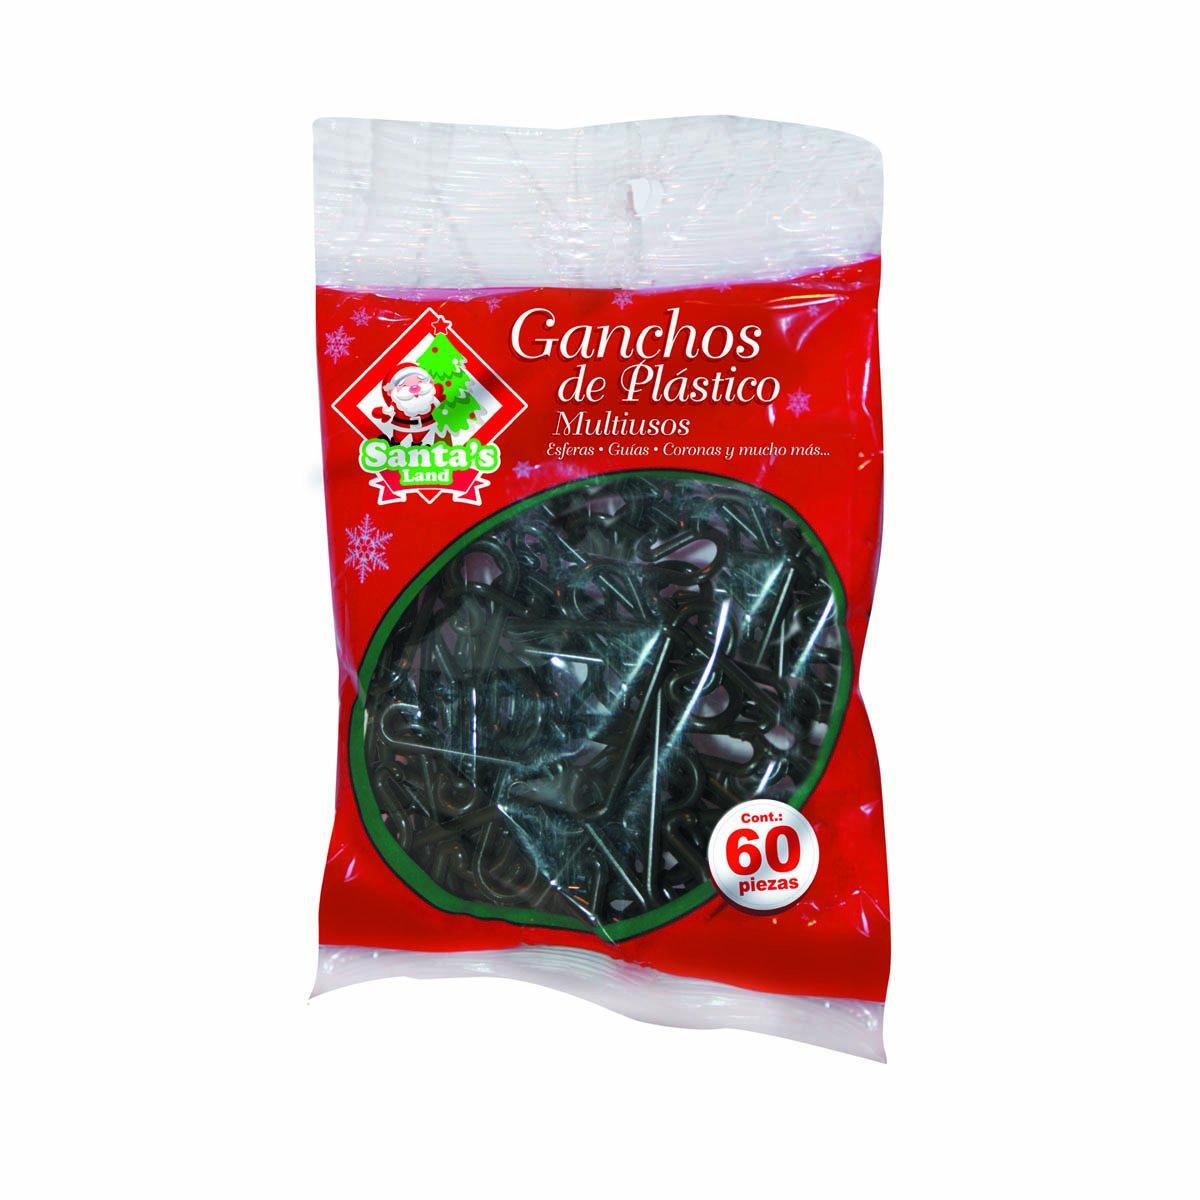 Ganchos de plastico 60 piezas sears com mx me entiende for Ganchos de plastico